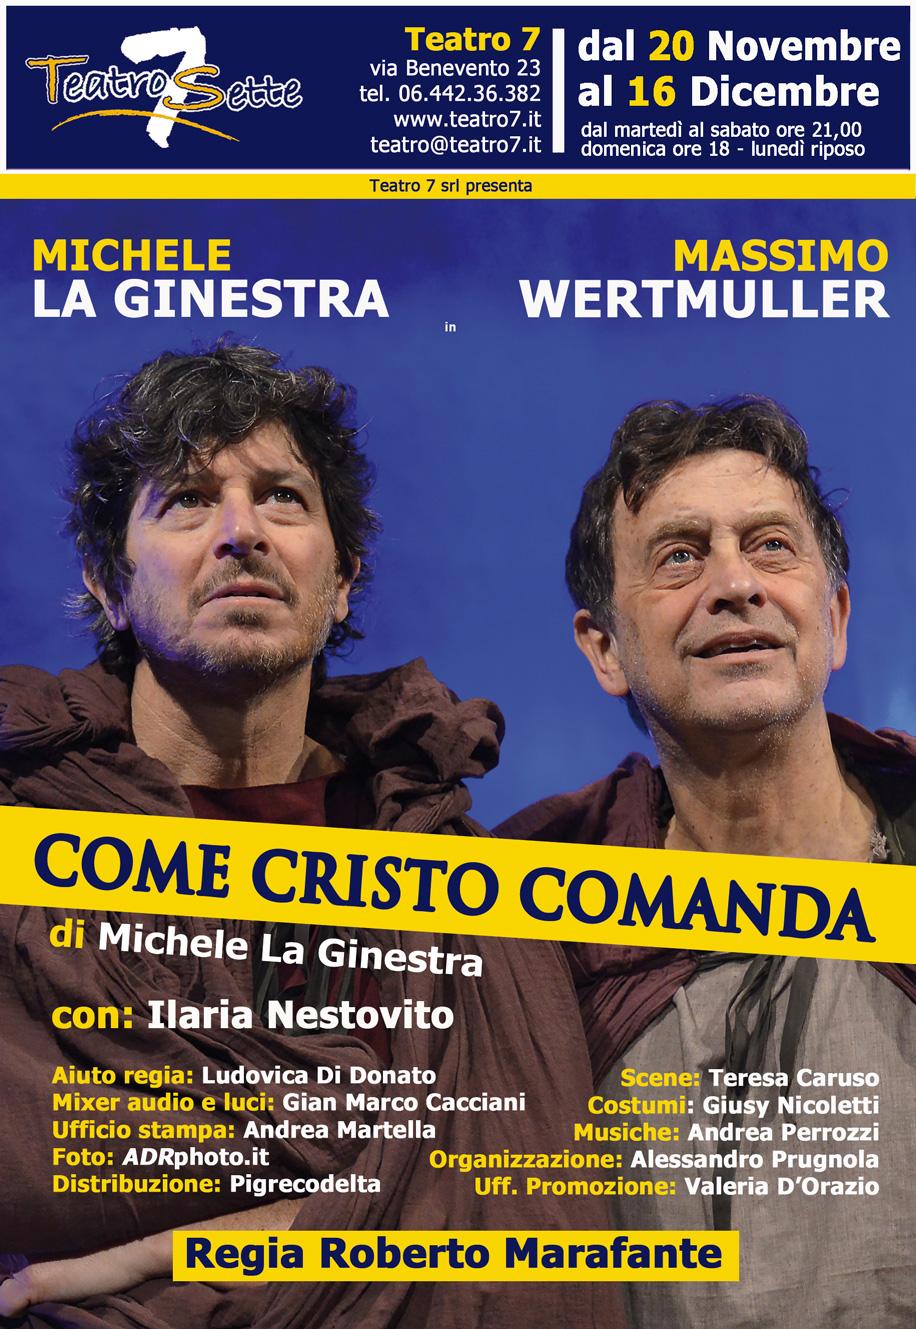 come cristo comanda_spettacolo teatrale_cortile dei gentili_teatro sette_roma